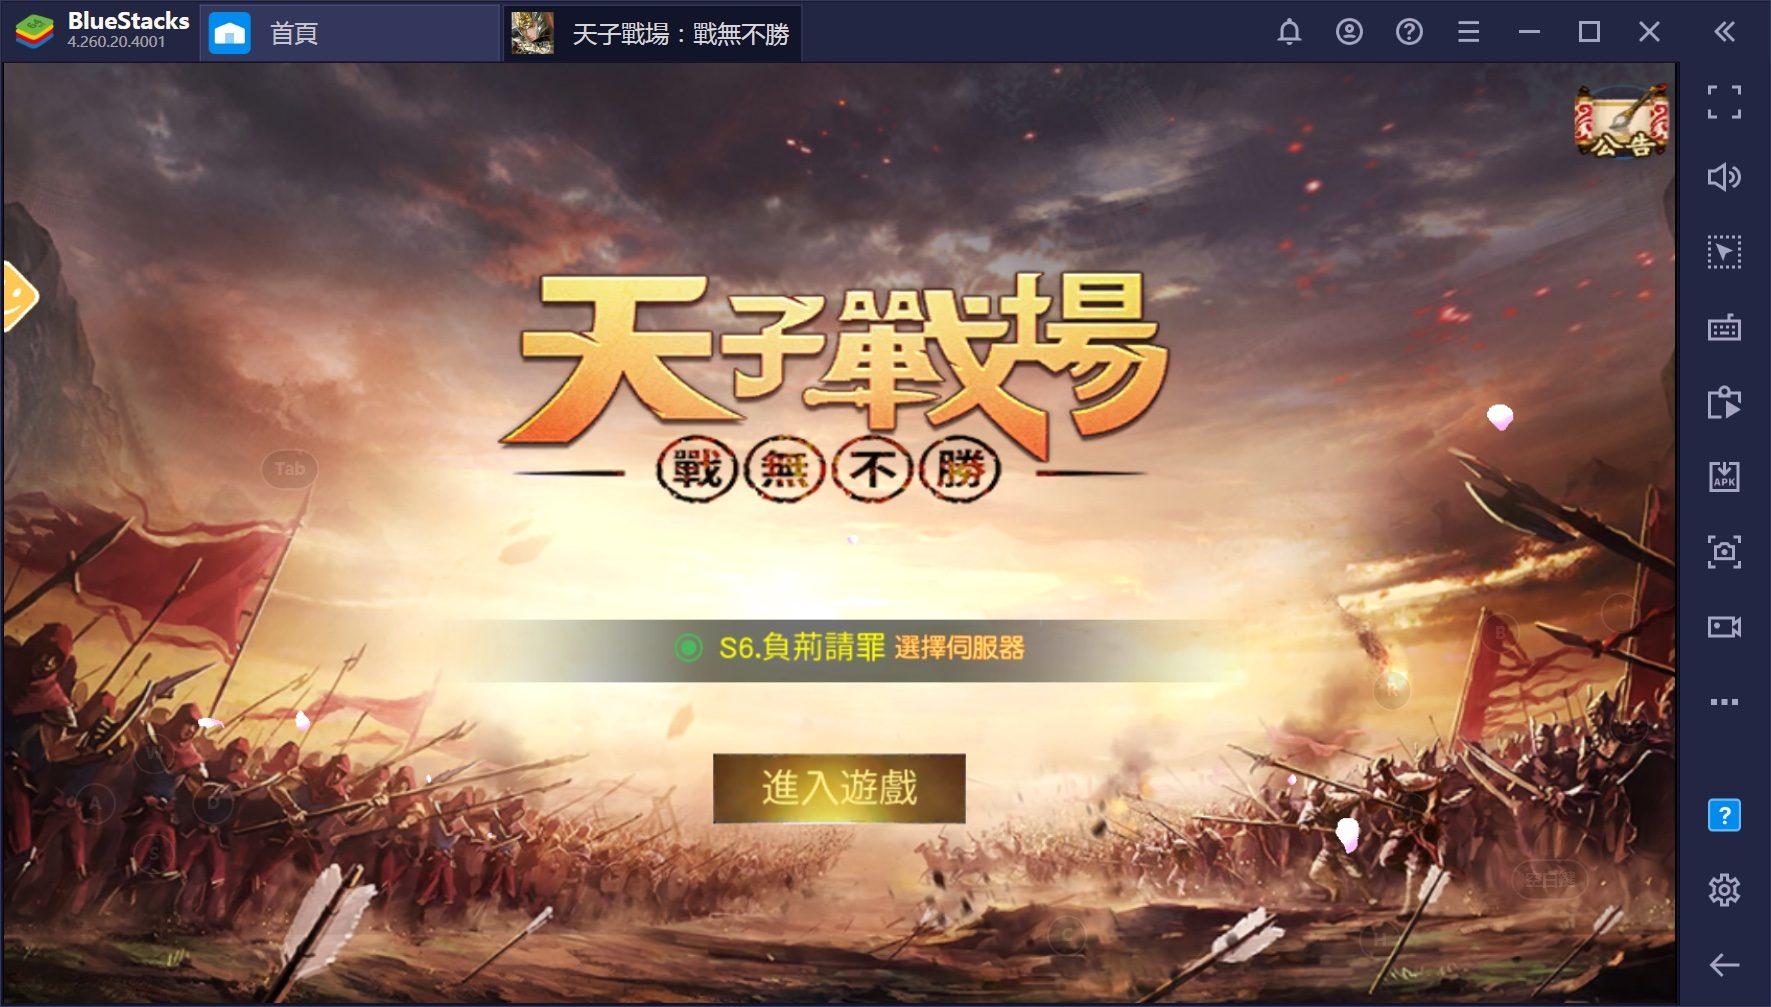 如何用BlueStacks在PC上玩國戰武俠手遊《天子戰場:戰無不勝》